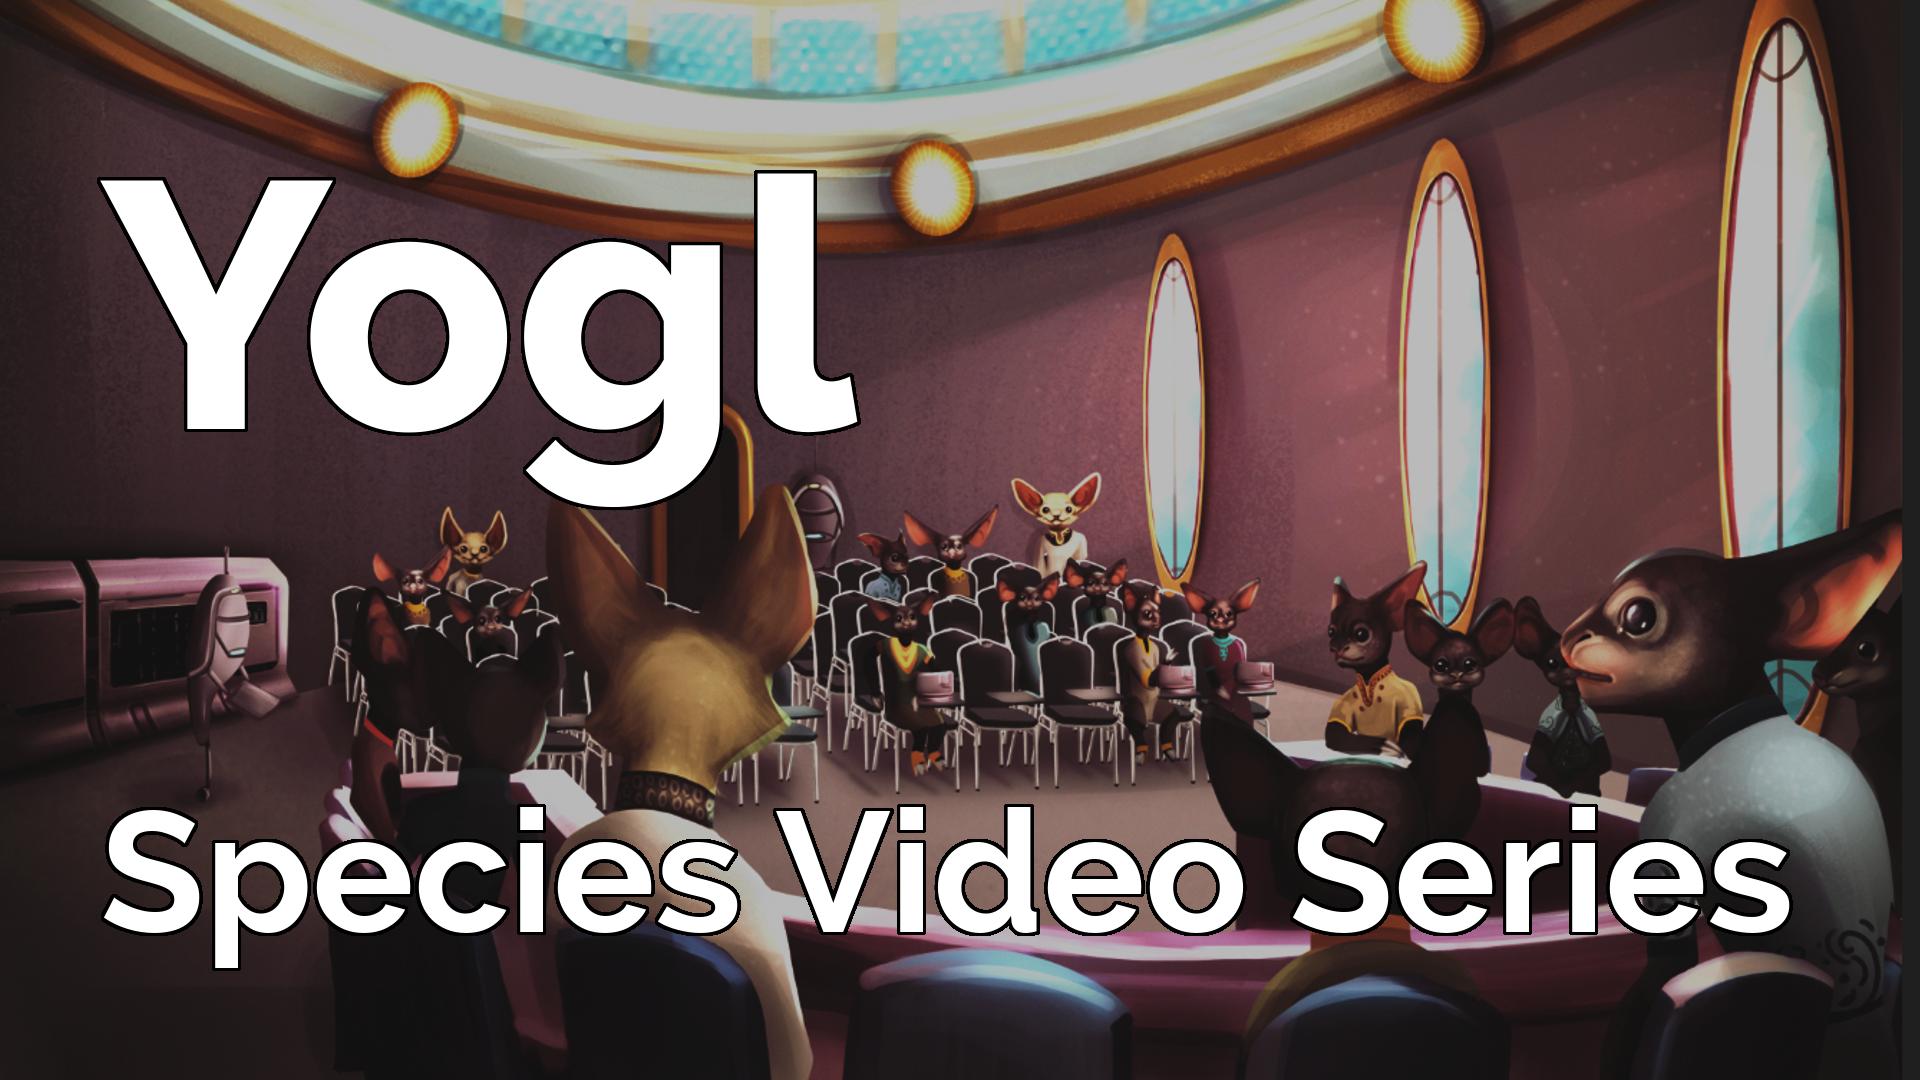 Yogl species video series thumbnail